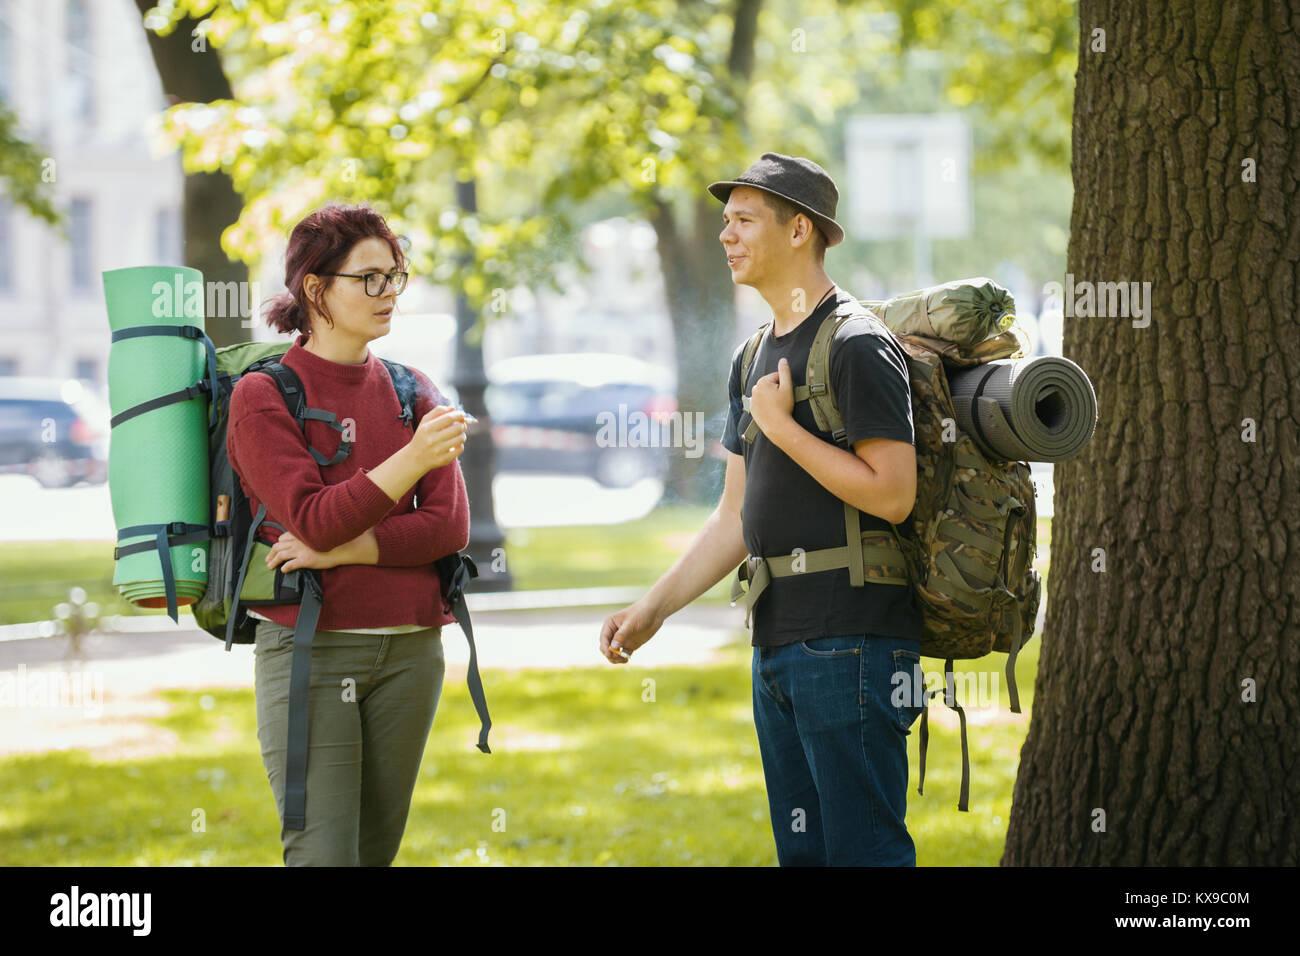 Les adolescents les touristes avec des sacs à dos - fumeurs et debout dans le parc, au midi de l'été Banque D'Images